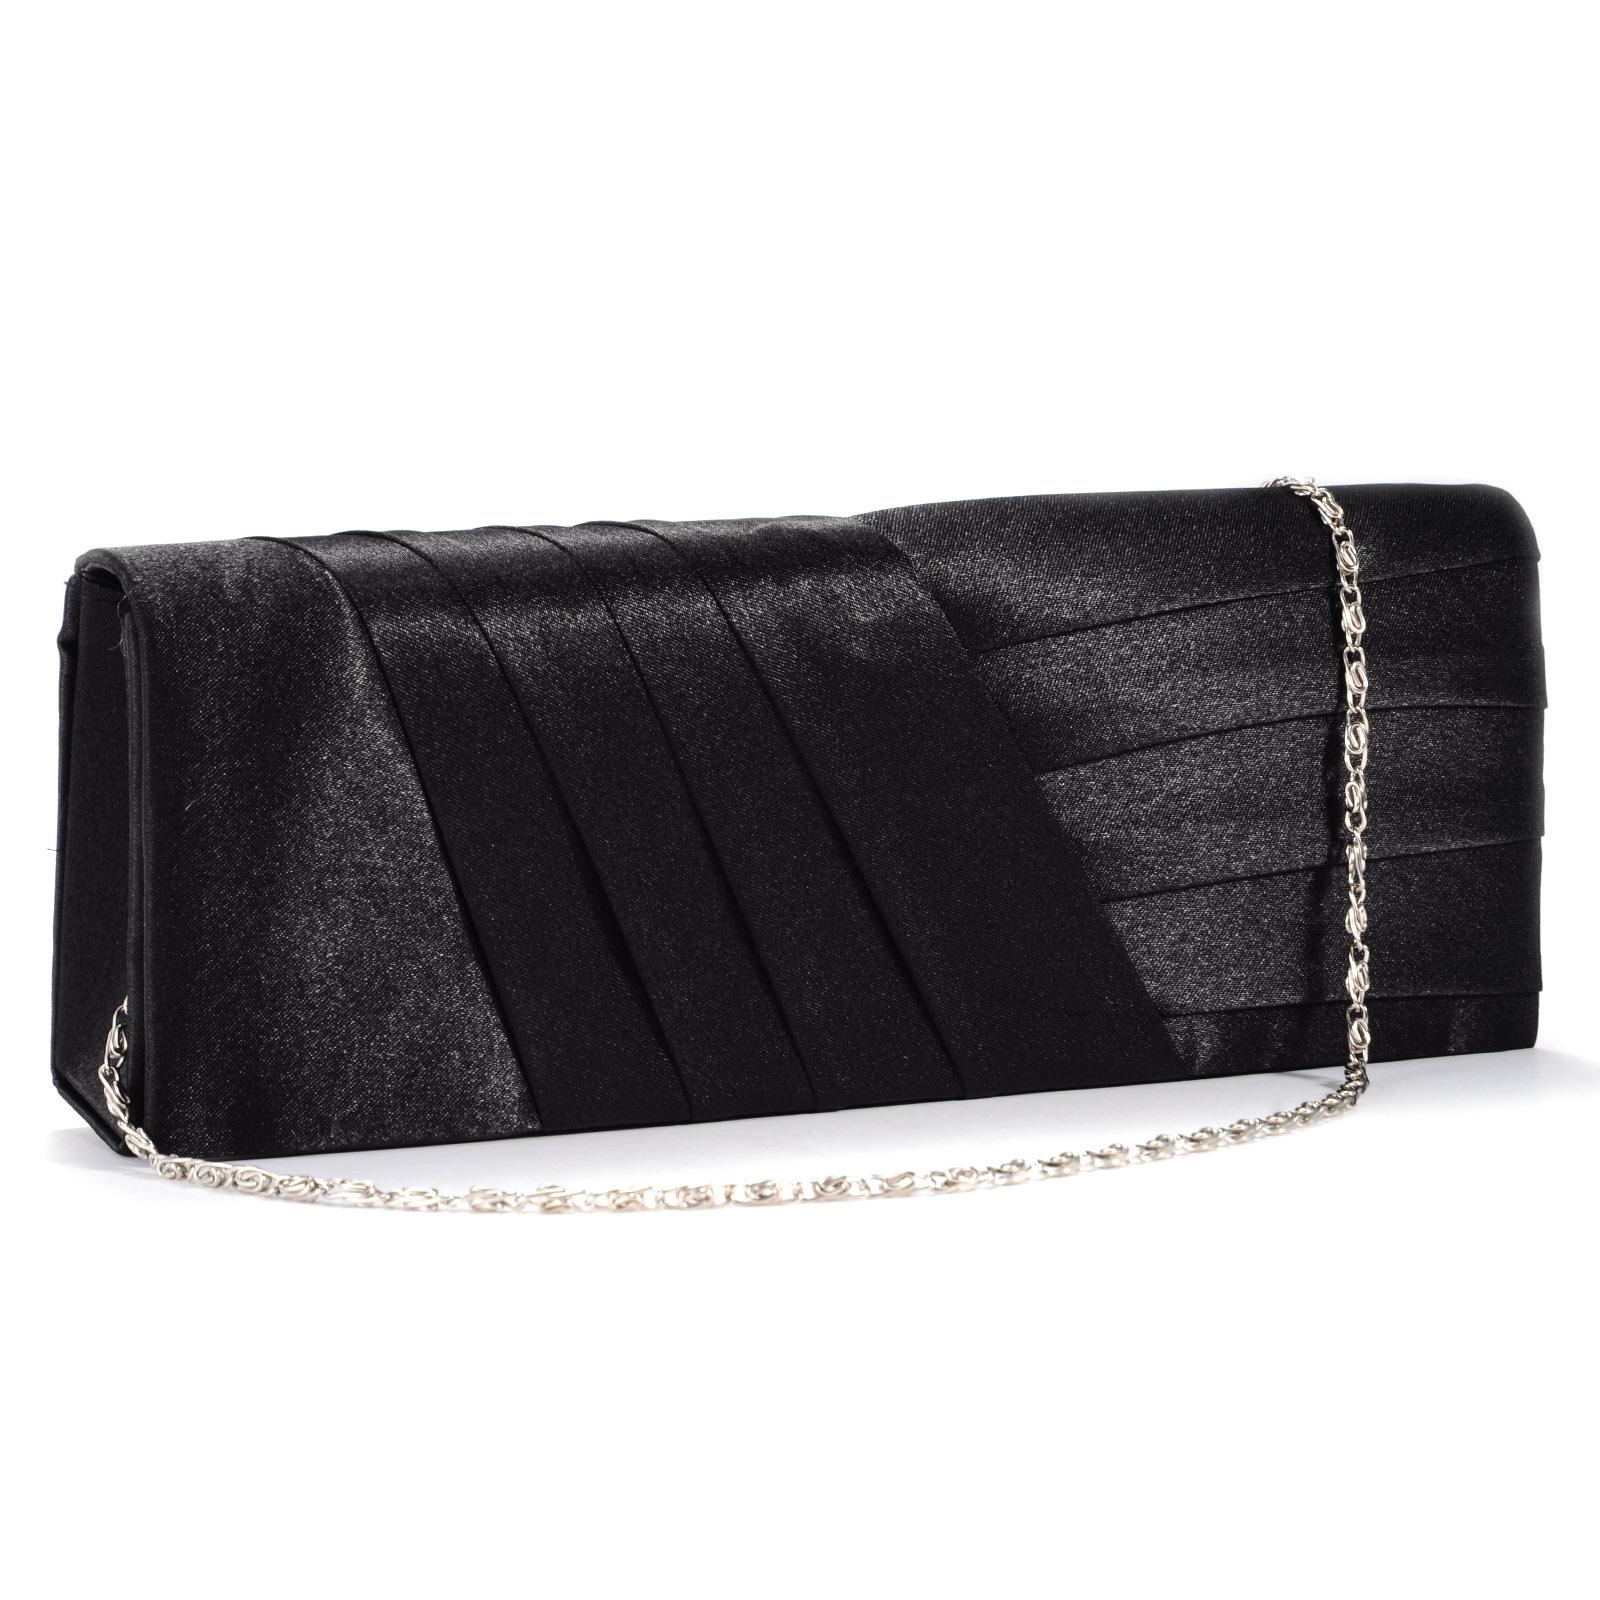 Neu-Abendtasche-Damentasche-Tasche-Clutch-Hochzeit-Brauttasche-Handtasche-Bag